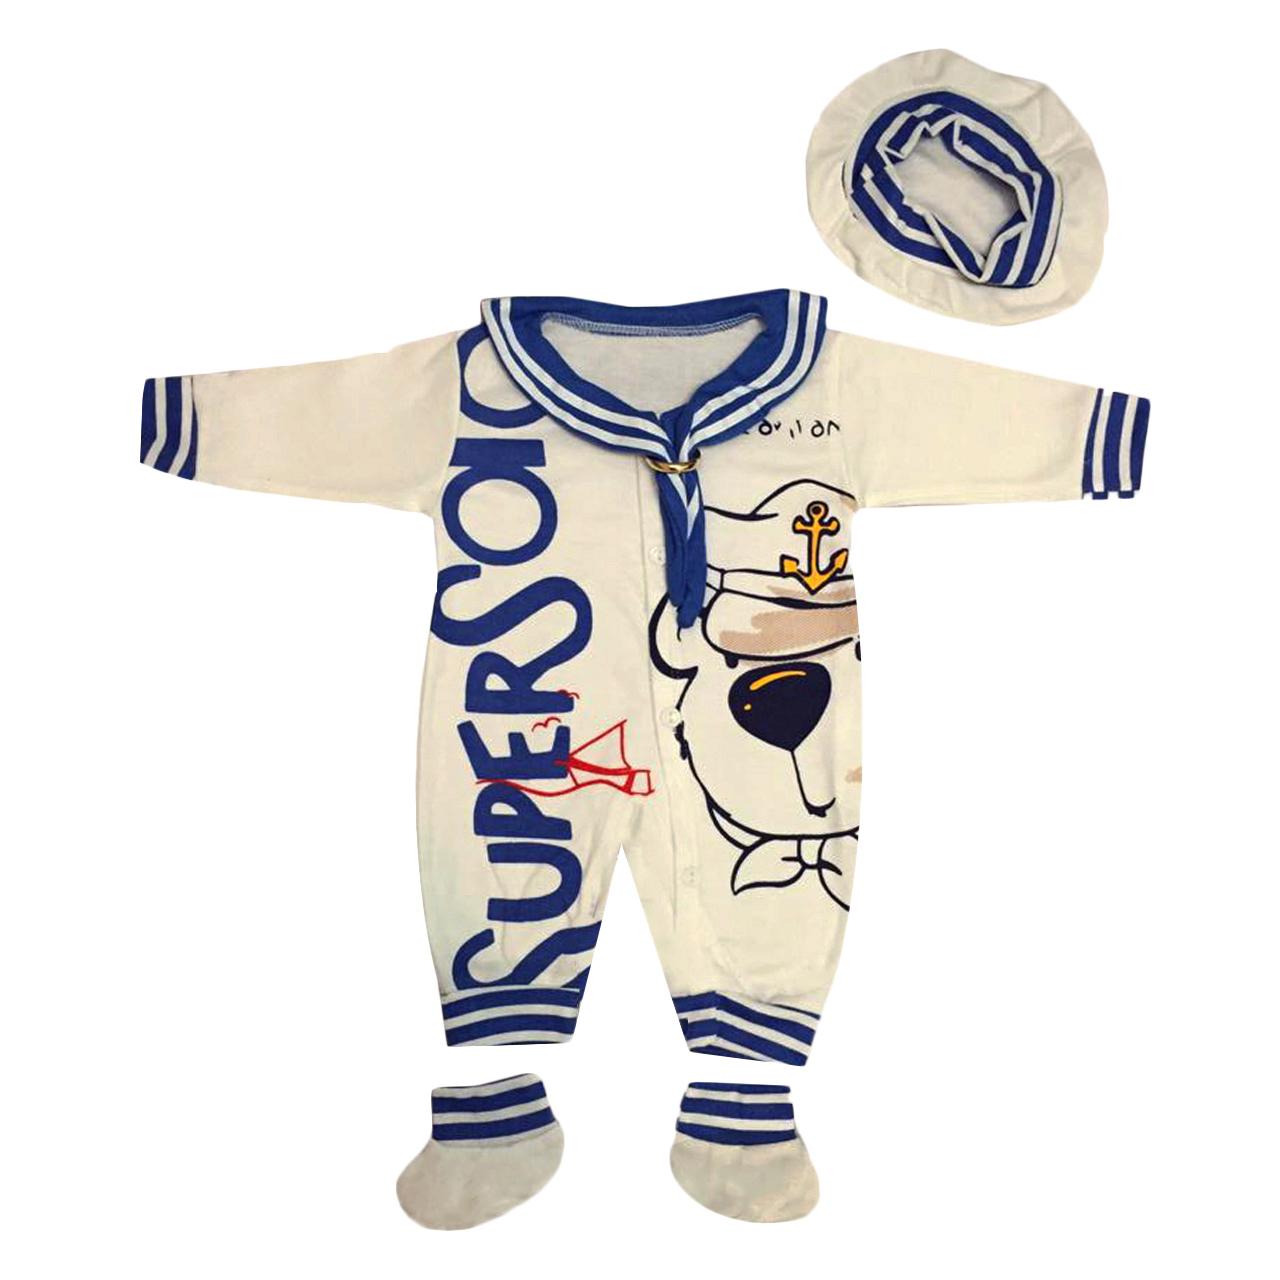 ست 3 تکه لباس نوزاد طرح ملوان کوچک کد 25bl